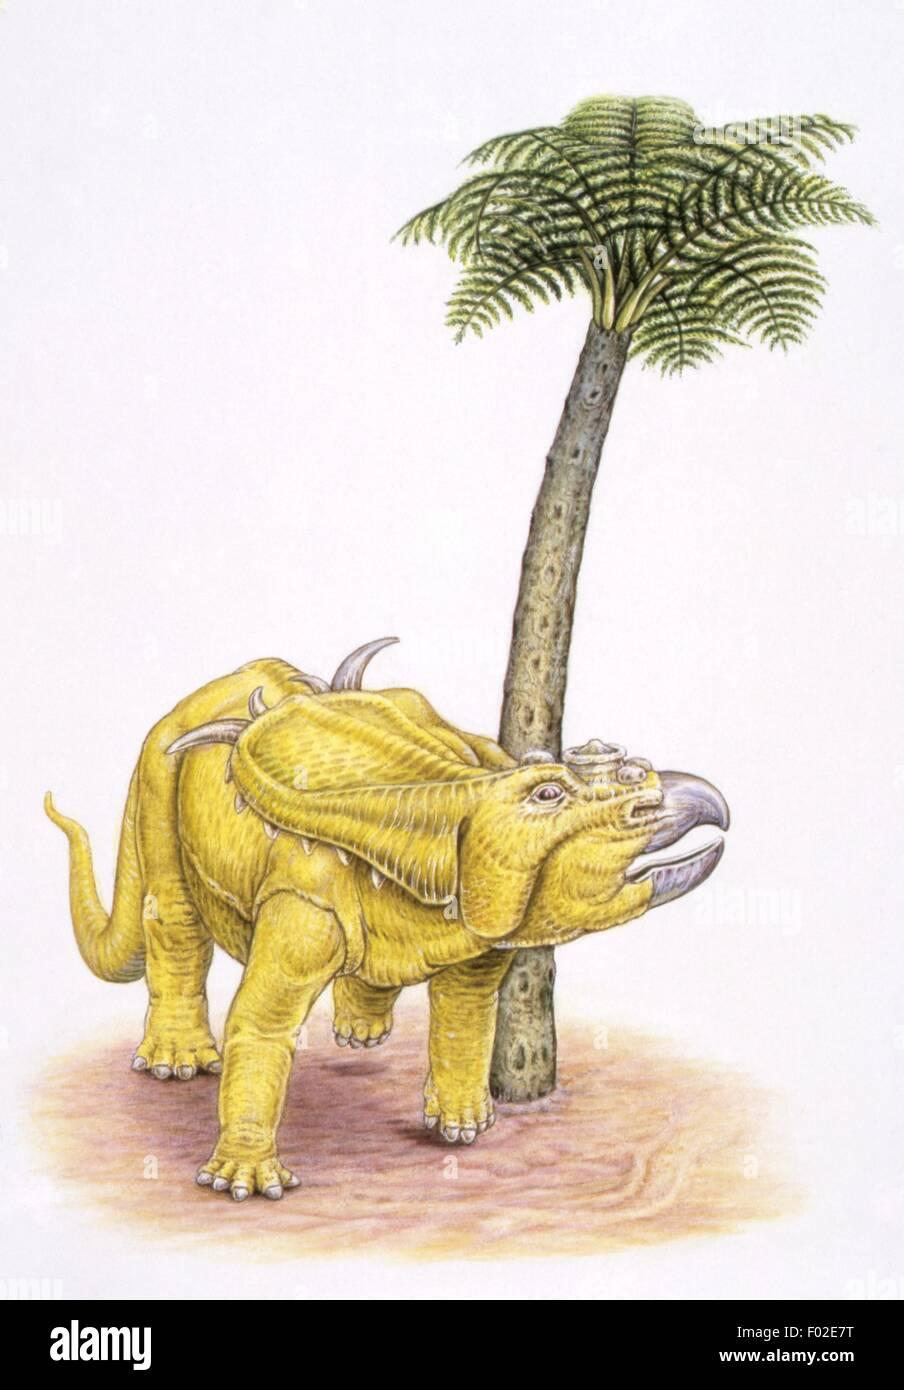 Paléozoologie - Crétacé - Dinosaures - Pachyrhinosaurus - travail d'Art Banque D'Images